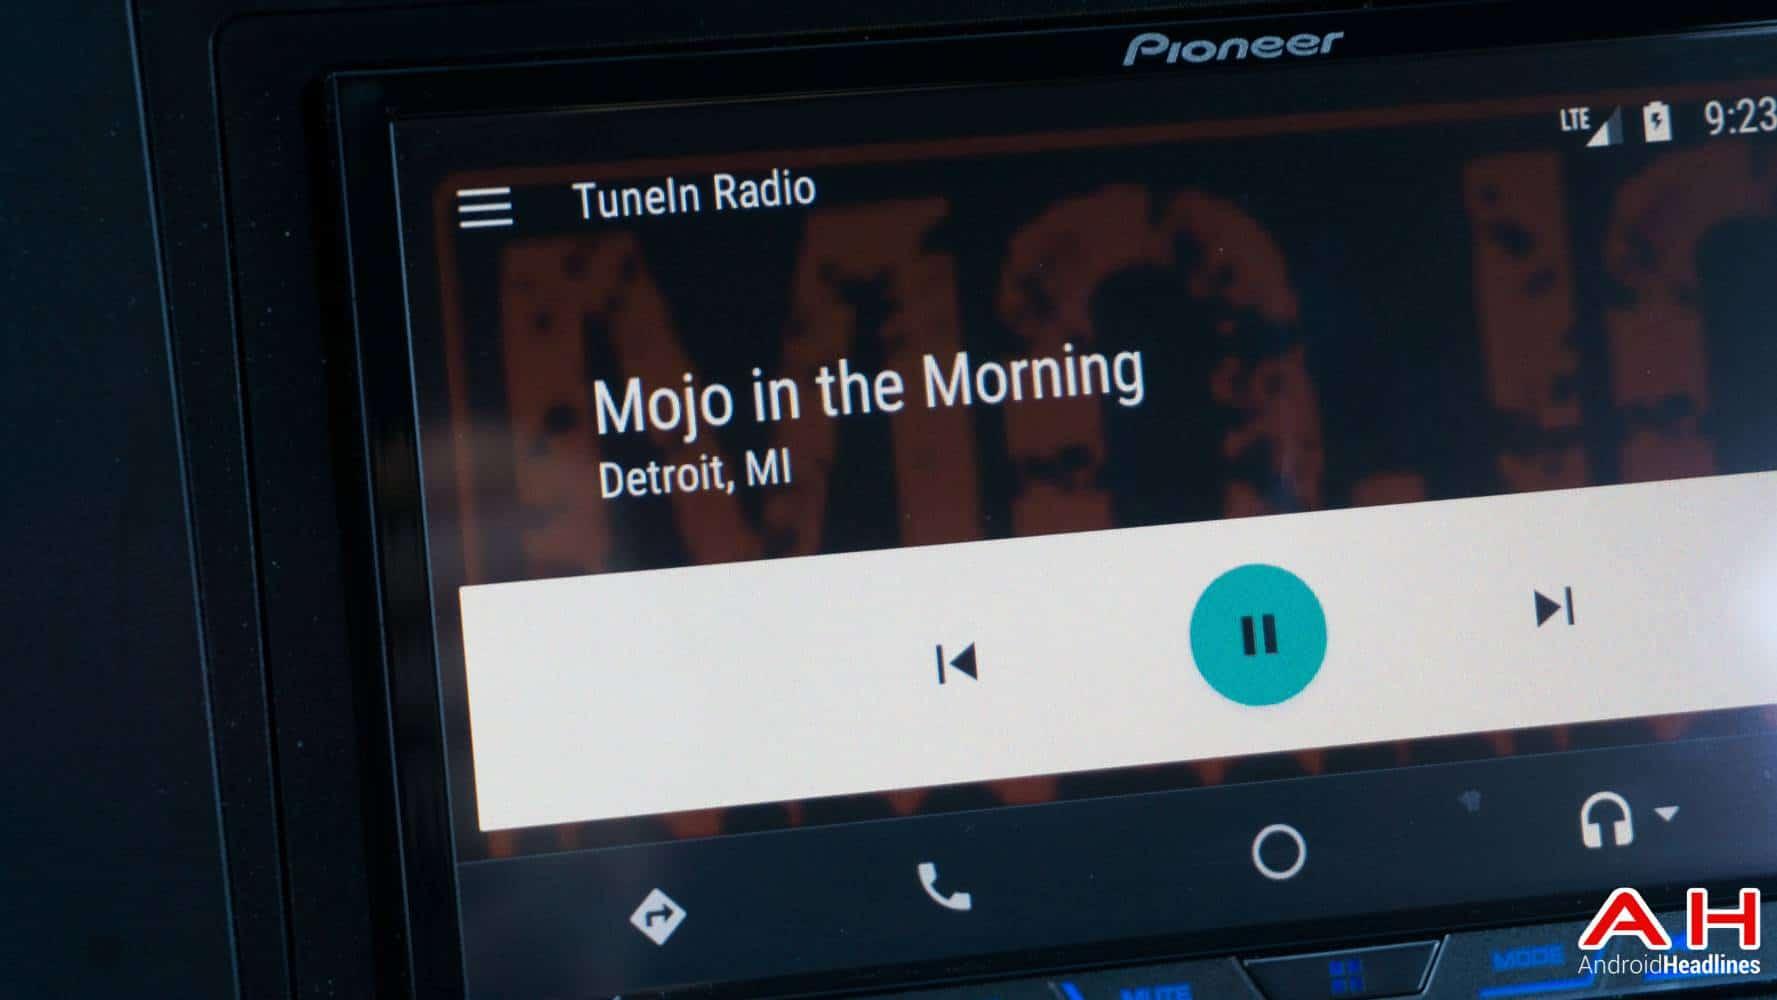 TuneIn-Radio-Android-Auto-AH-00168